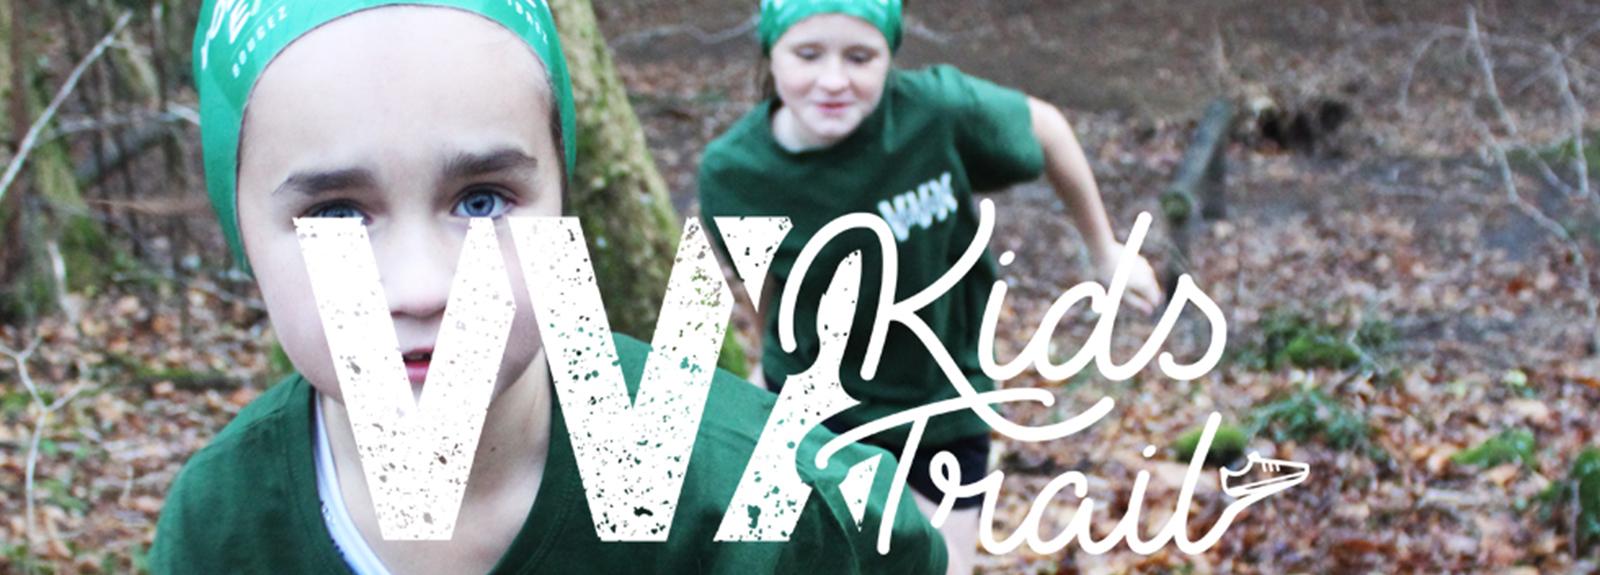 VVX Kids Trail